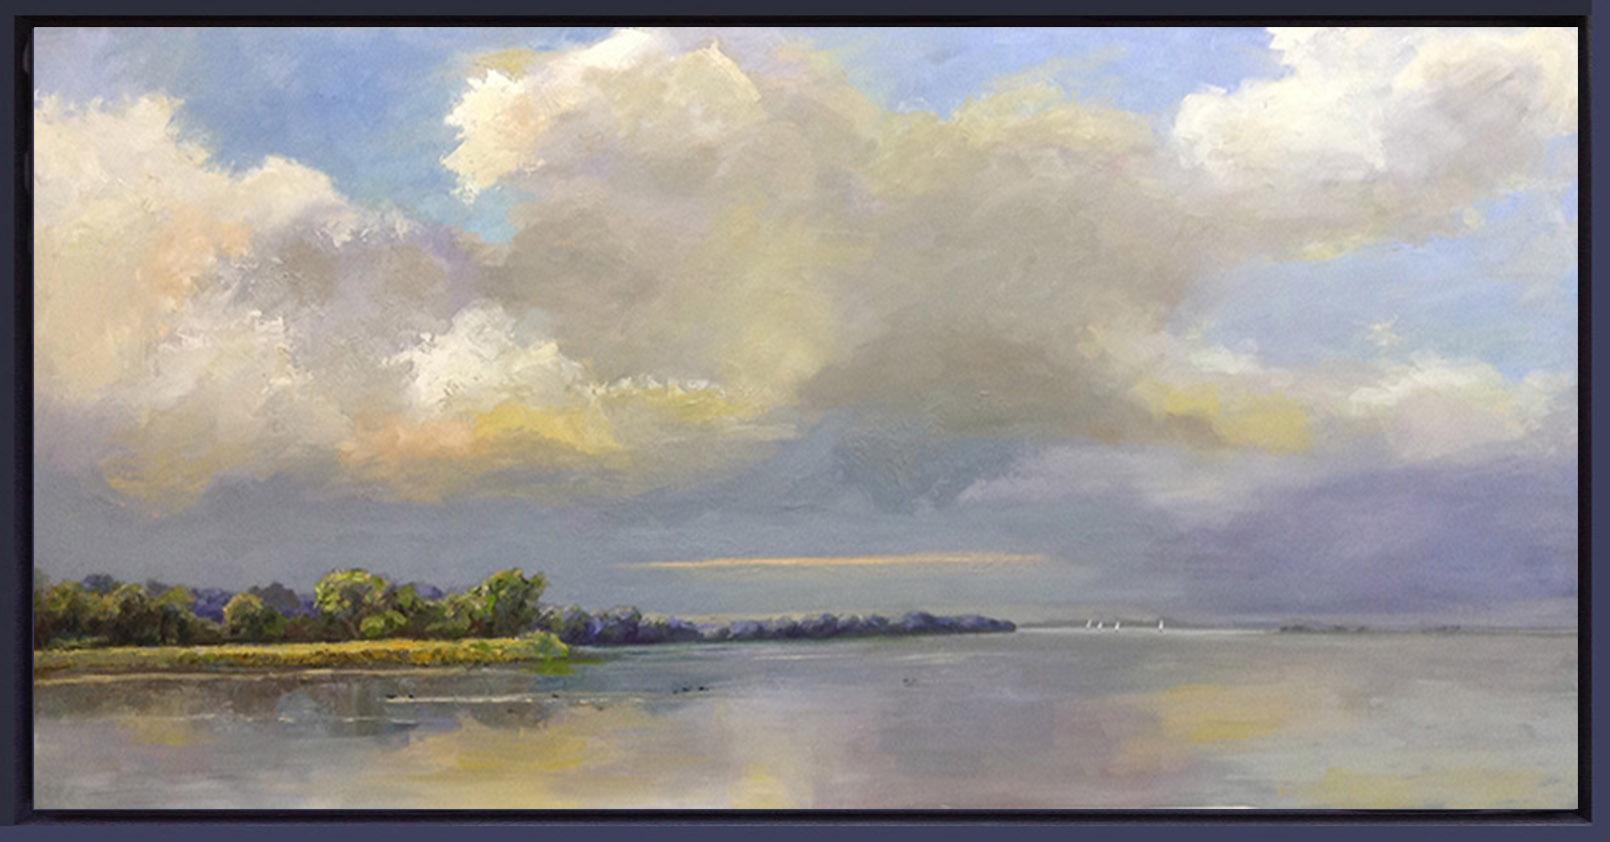 IJsselmeer Muiderberg-landschap-Lynden